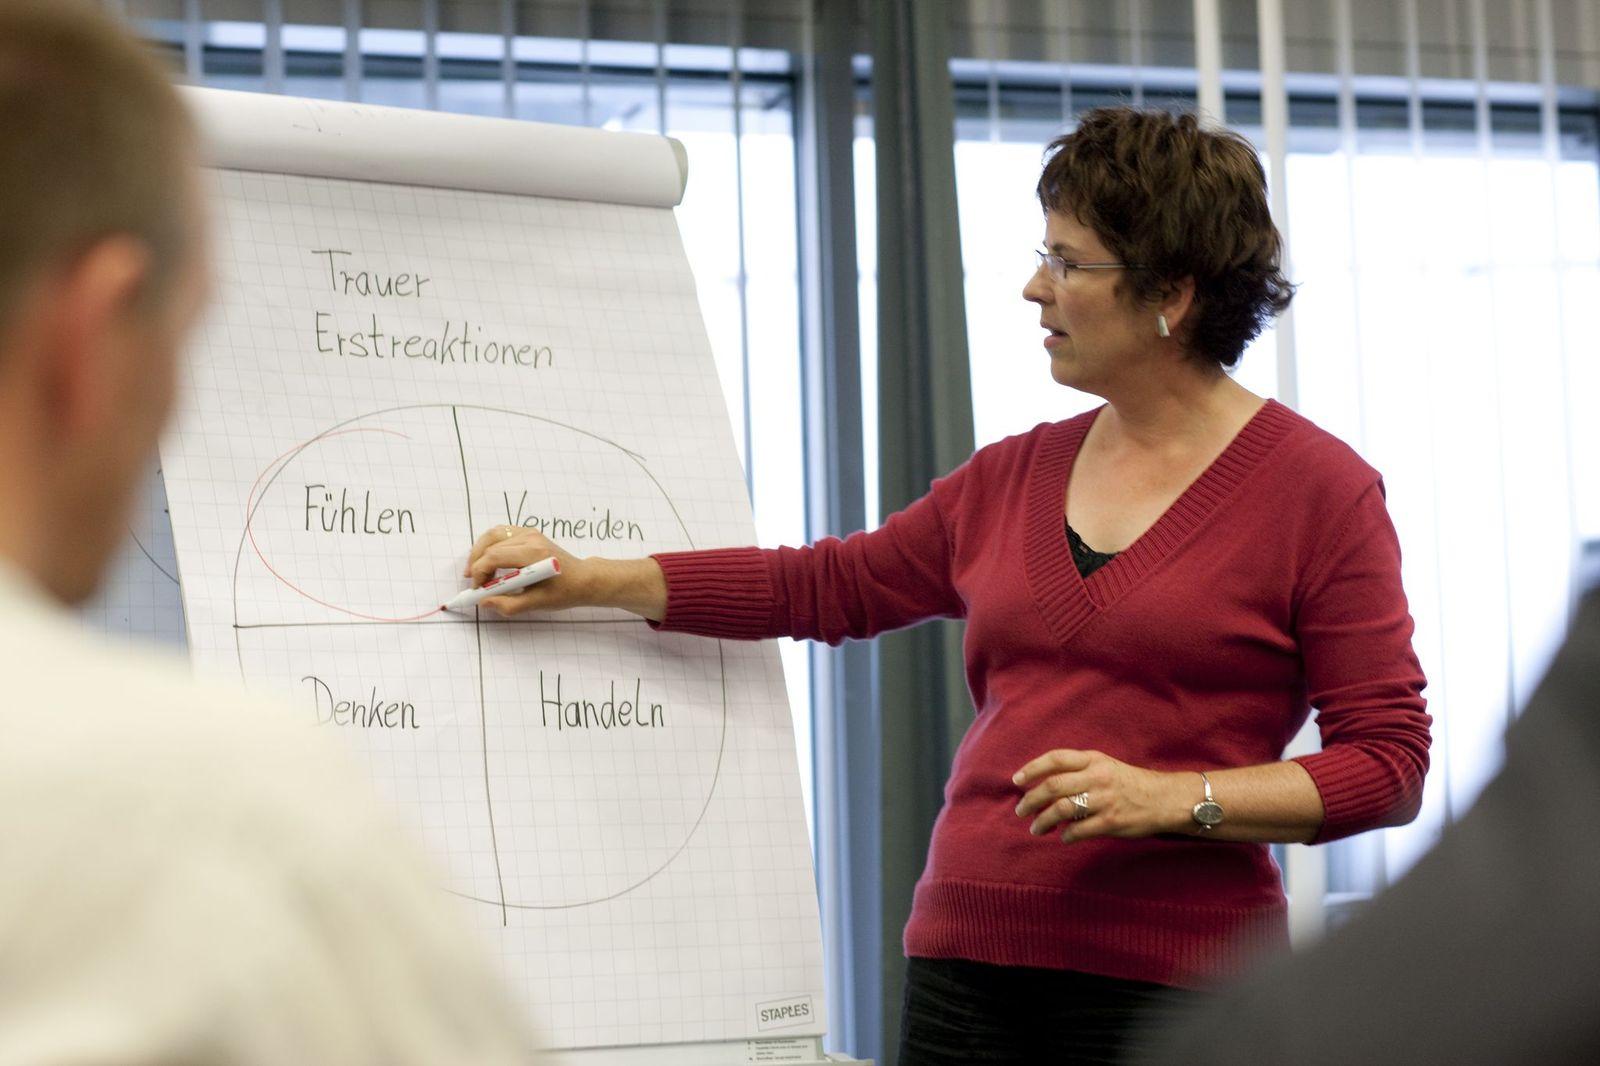 Eine Frau mit dunklen kurzen Haaren steht an einem Flipchart und erklärt die dort aufgeschriebenen Begriffe.